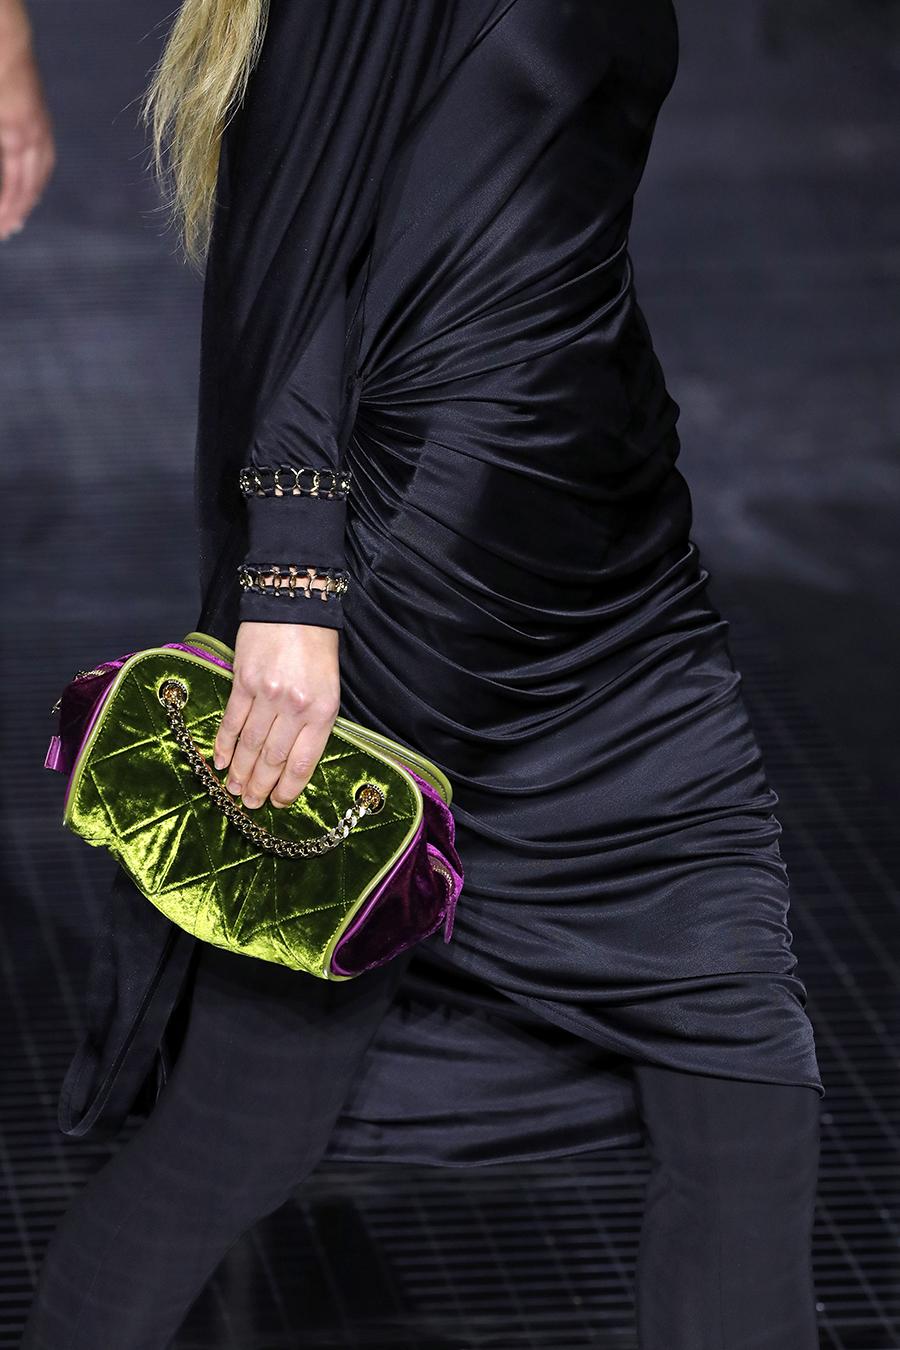 модная стеганая сумка осень зима 2020 2021 бархатная фиолетовая салатовая зеленая на цепочке